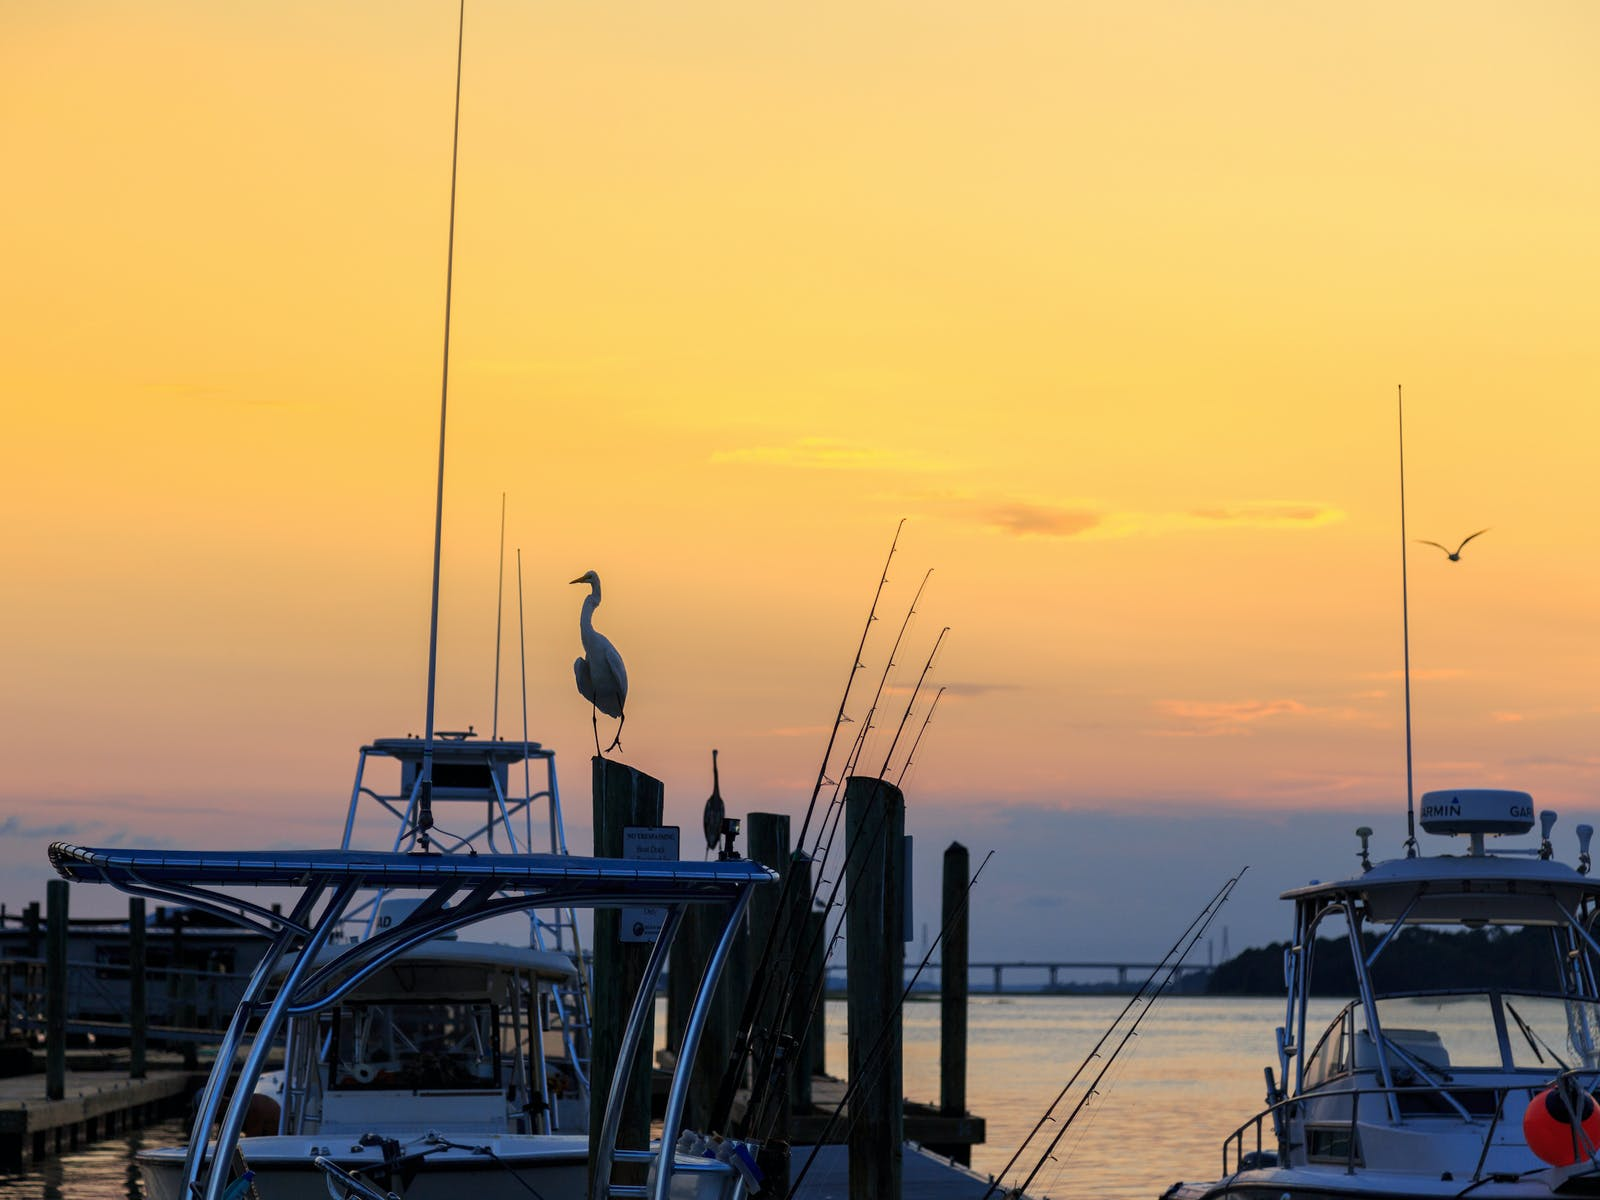 A few boats docked in Hilton Head, South Carolina